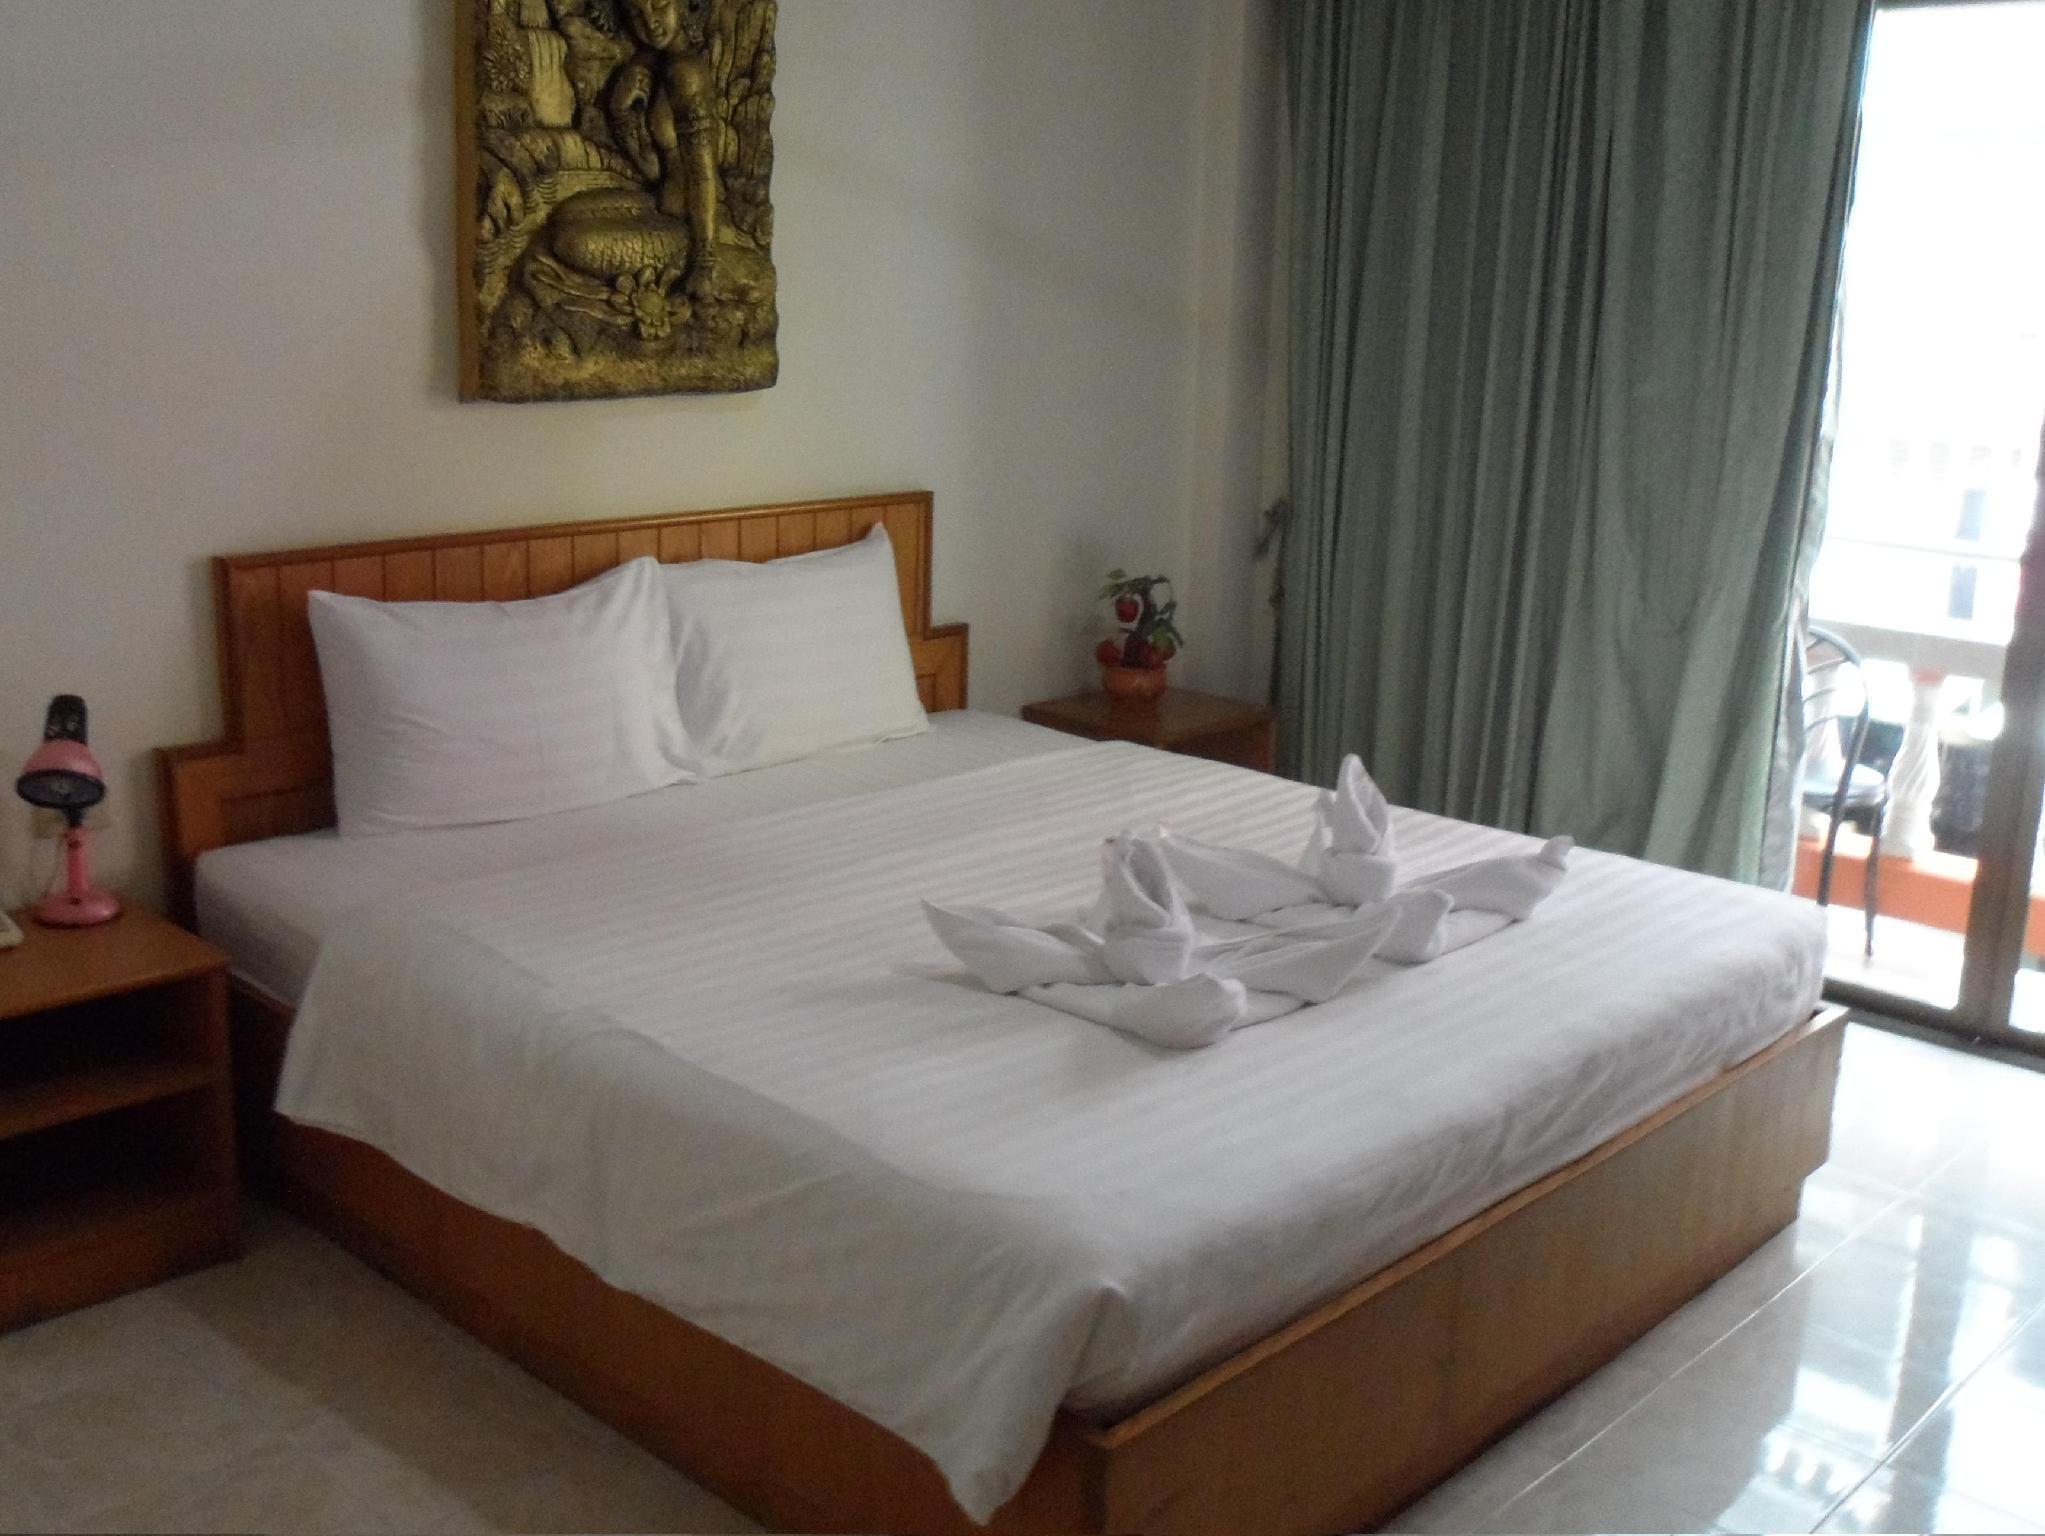 坐落于芭东海滩的中心地带,安特曼海宾馆是游览普吉岛的最佳下榻酒